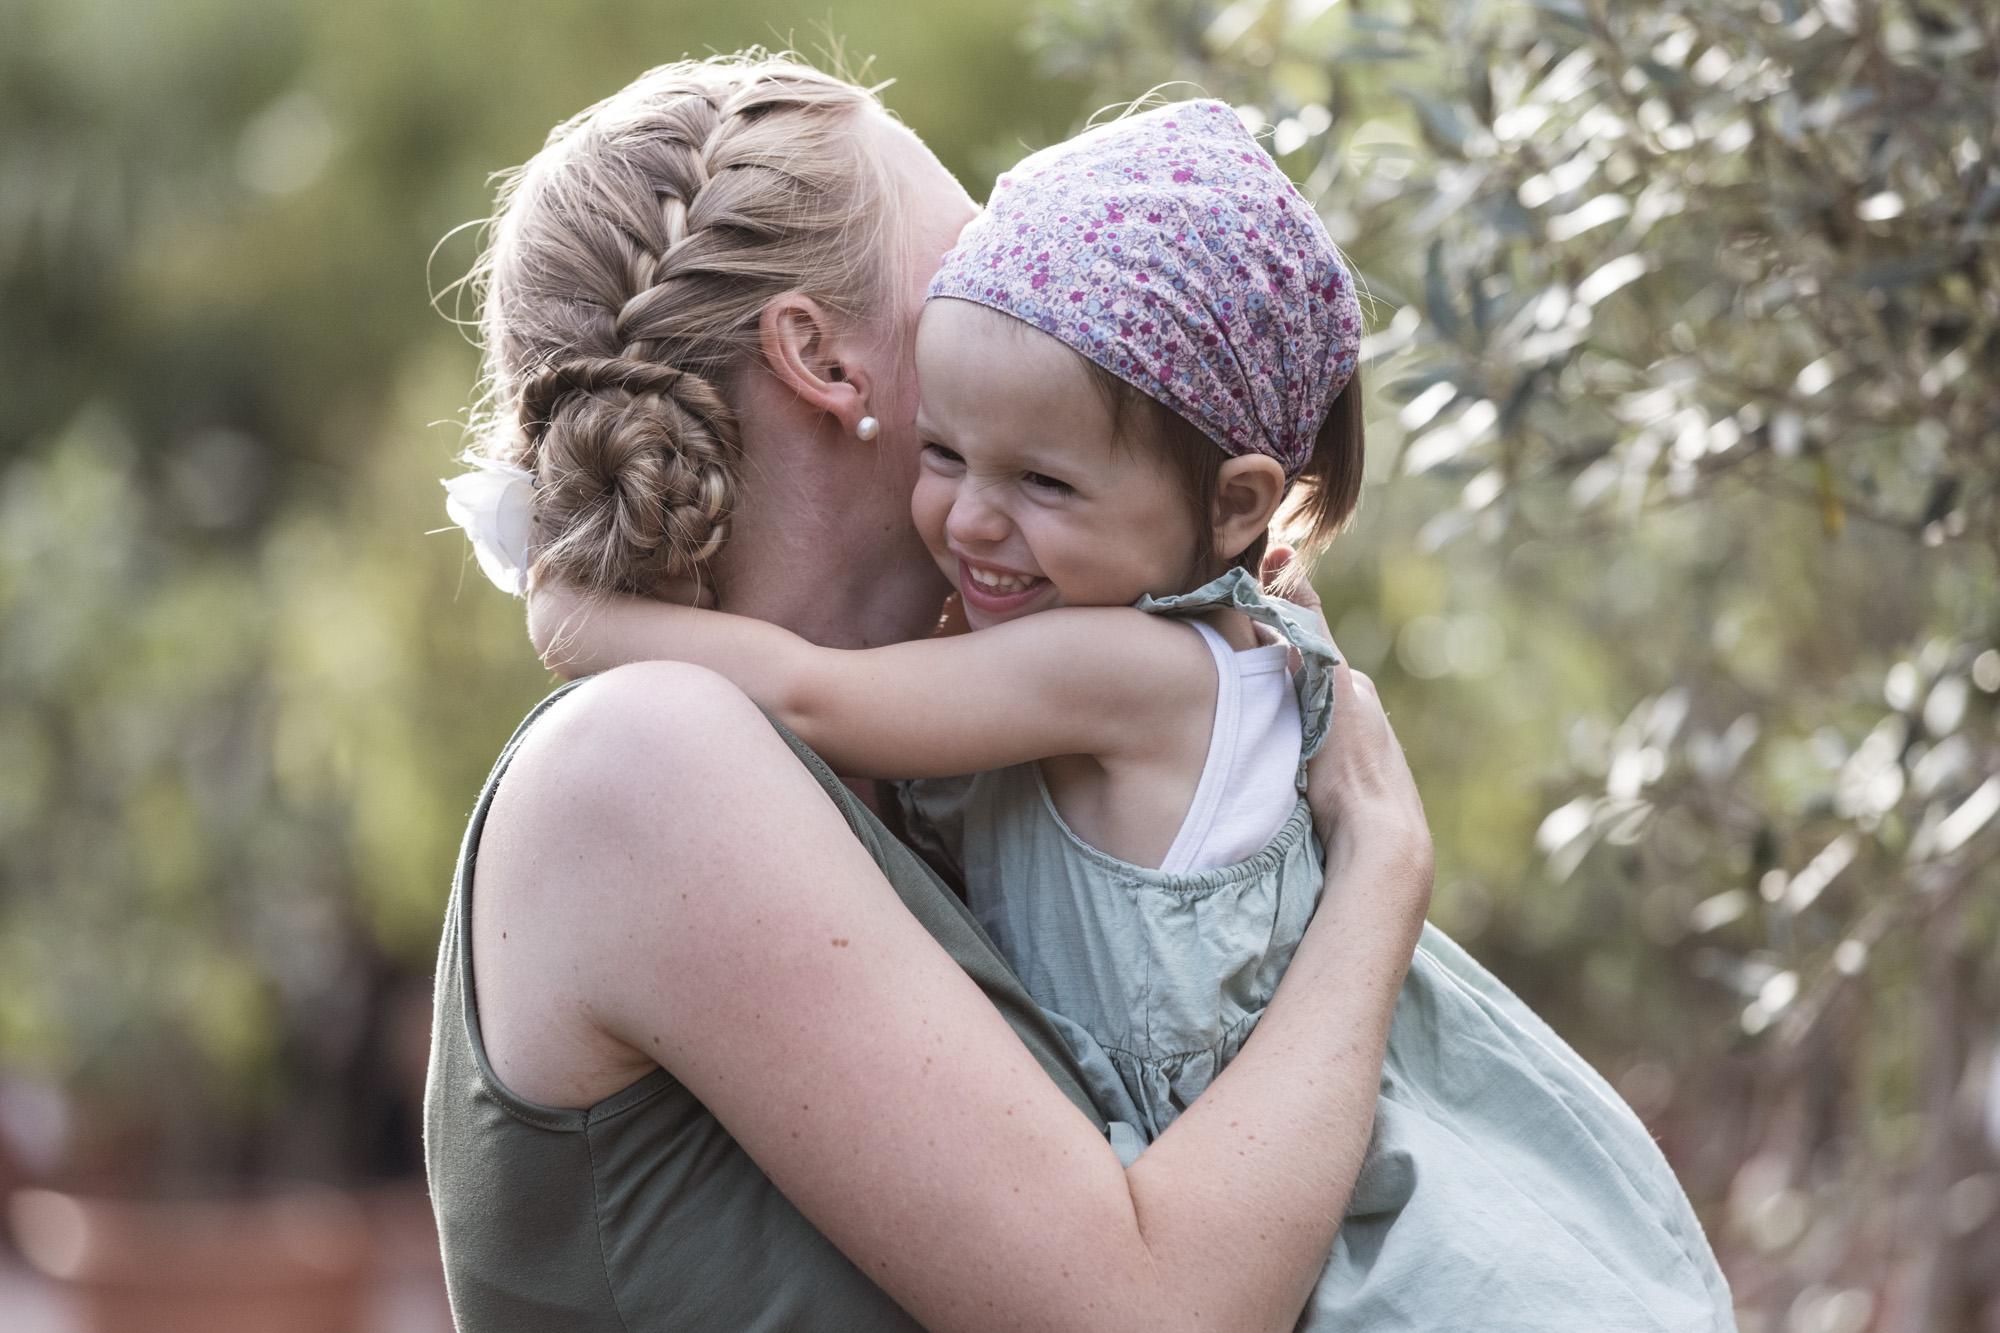 Babybauch und Familienfotoshooting in den Merian Gärten - Die Mama mit ihrer süssen Tochter